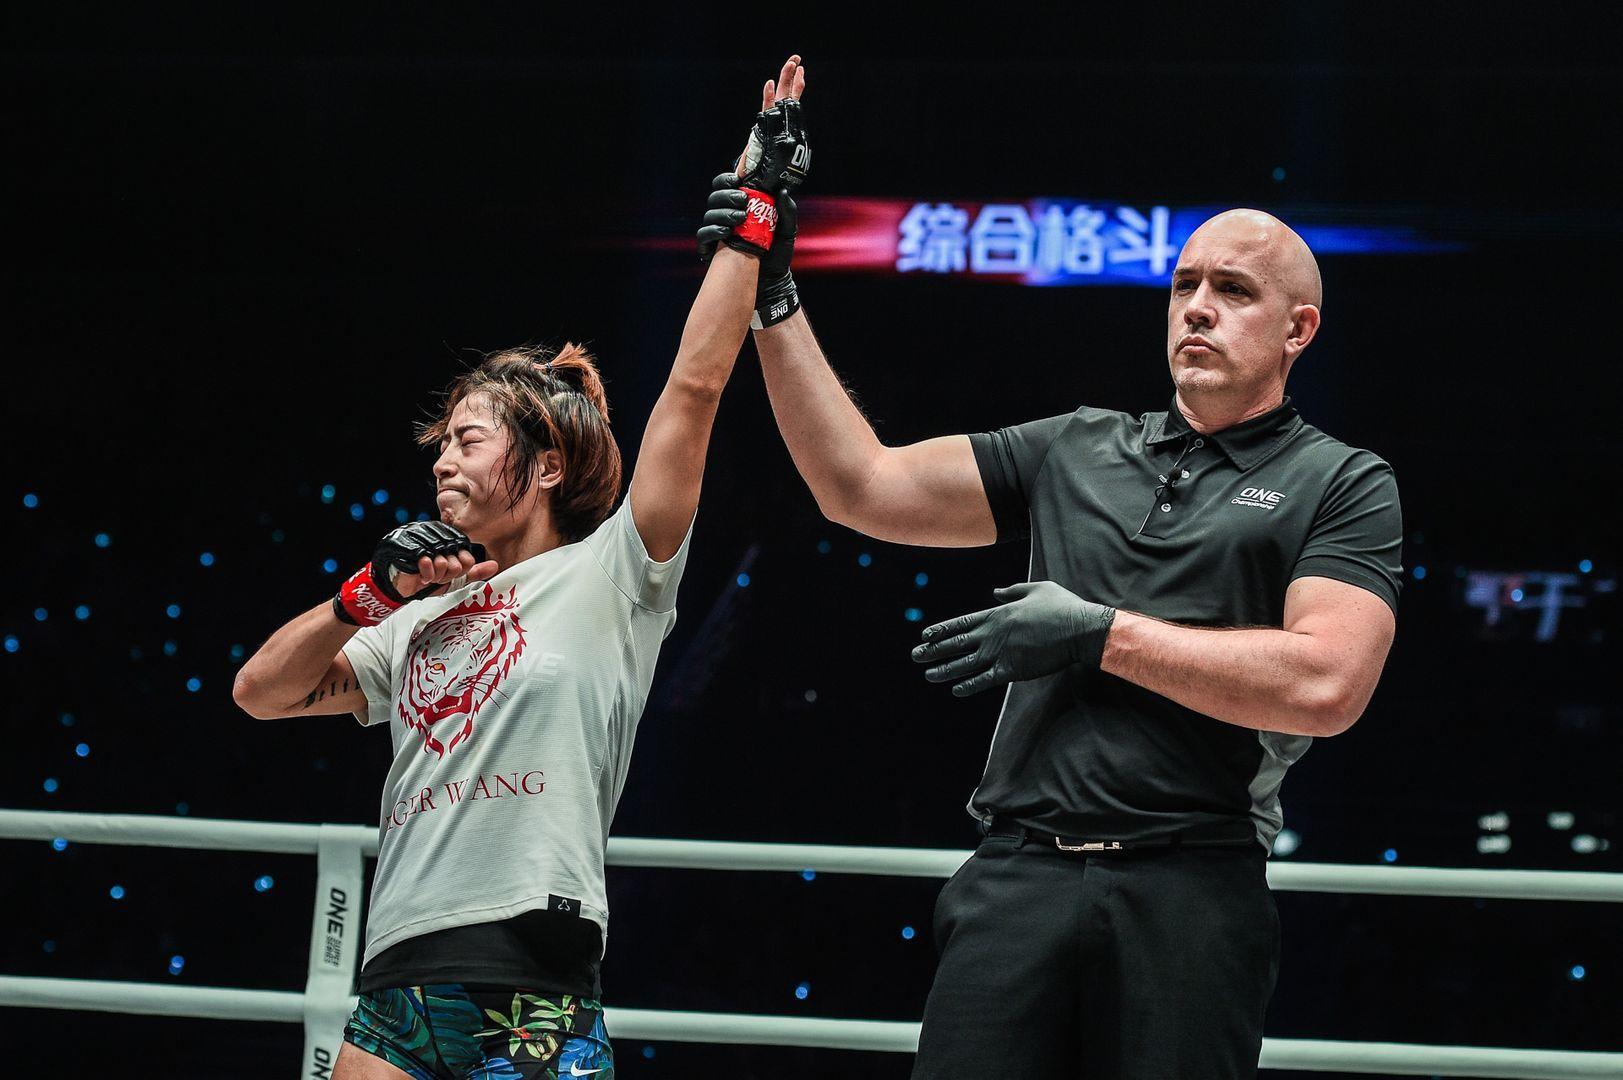 Meng Bo defeats Laura Balin at ONE AGE OF DRAGONS